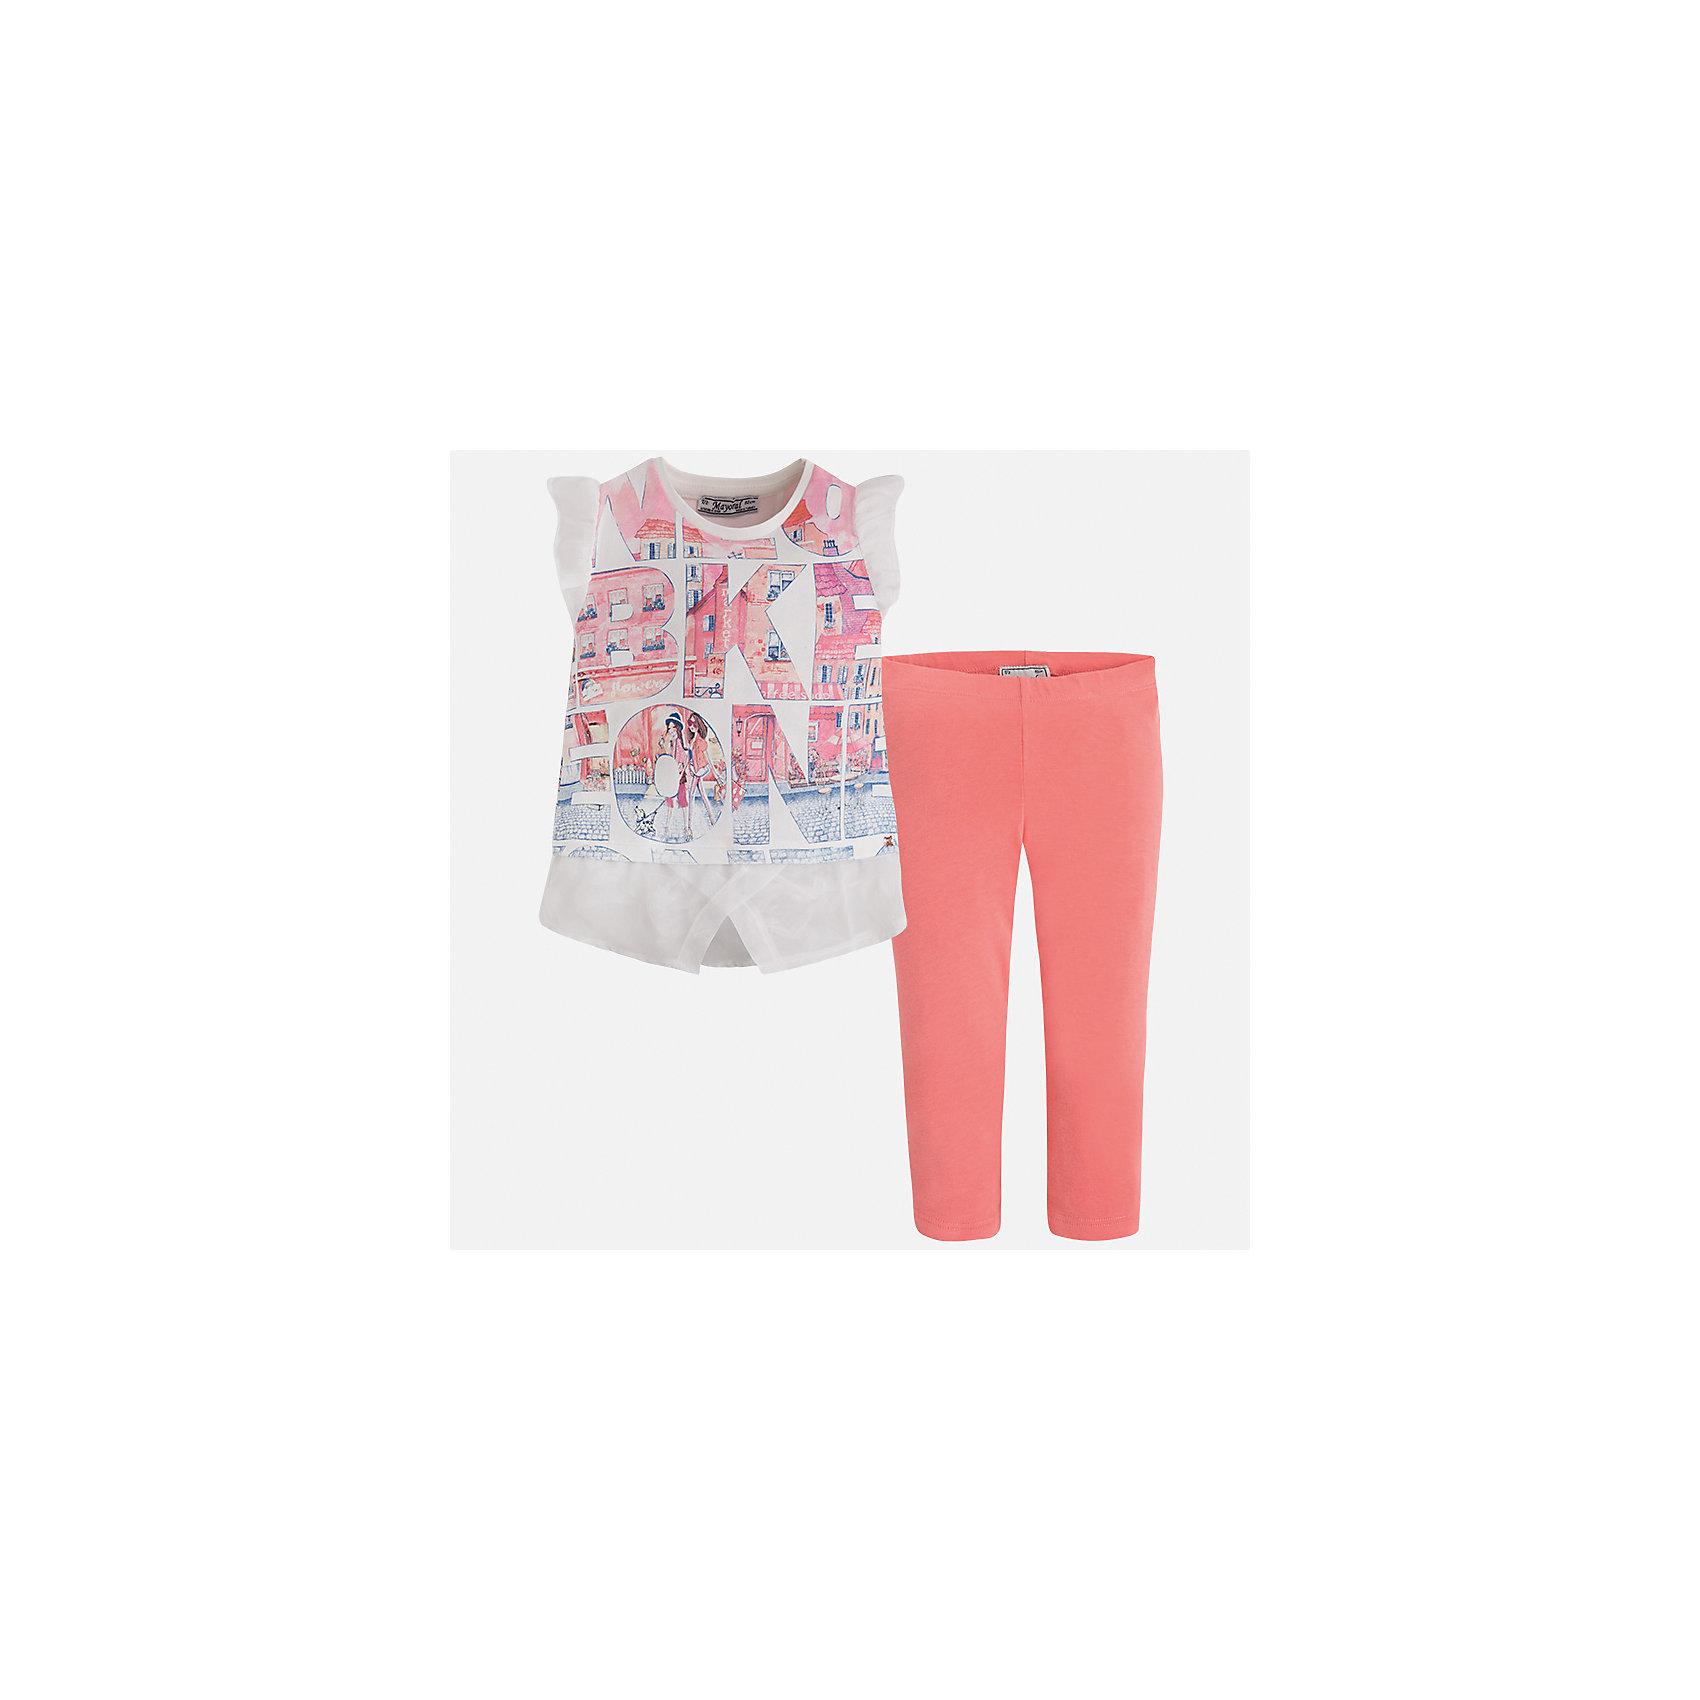 Комплект: футболка и леггинсы для девочки MayoralКомплекты<br>Характеристики товара:<br><br>• цвет: белый/оранжевый<br>• состав: 76% хлопок, 20% полиэстер, 4% эластан<br>• комплектация: футболка, леггинсы<br>• футболка декорирована принтом и оборками<br>• леггинсы однотонные<br>• пояс на резинке<br>• страна бренда: Испания<br><br>Красивый качественный комплект для девочки поможет разнообразить гардероб ребенка и удобно одеться в теплую погоду. Он отлично сочетается с другими предметами. Универсальный цвет позволяет подобрать к вещам верхнюю одежду практически любой расцветки. Интересная отделка модели делает её нарядной и оригинальной. В составе материала - натуральный хлопок, гипоаллергенный, приятный на ощупь, дышащий.<br><br>Одежда, обувь и аксессуары от испанского бренда Mayoral полюбились детям и взрослым по всему миру. Модели этой марки - стильные и удобные. Для их производства используются только безопасные, качественные материалы и фурнитура. Порадуйте ребенка модными и красивыми вещами от Mayoral! <br><br>Комплект для девочки от испанского бренда Mayoral (Майорал) можно купить в нашем интернет-магазине.<br><br>Ширина мм: 123<br>Глубина мм: 10<br>Высота мм: 149<br>Вес г: 209<br>Цвет: розовый<br>Возраст от месяцев: 96<br>Возраст до месяцев: 108<br>Пол: Женский<br>Возраст: Детский<br>Размер: 134,92,98,104,110,116,122,128<br>SKU: 5300479